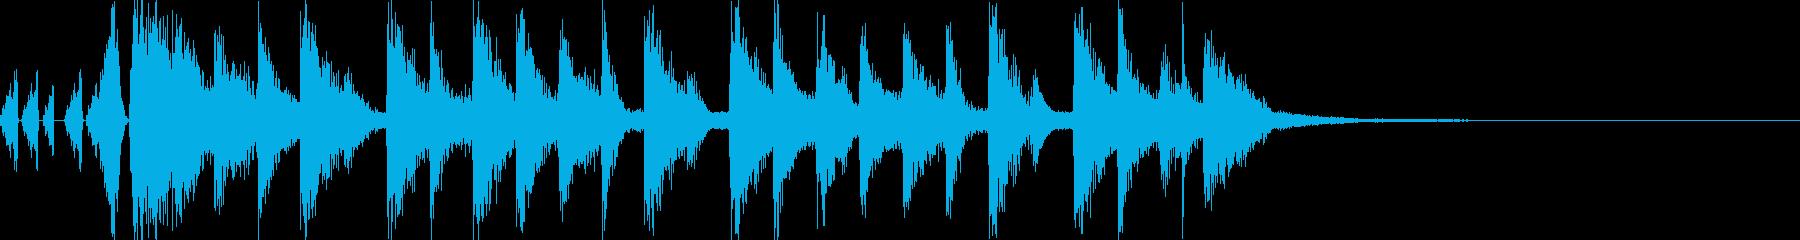 ラジオに合う軽快で可愛いポップジングルの再生済みの波形